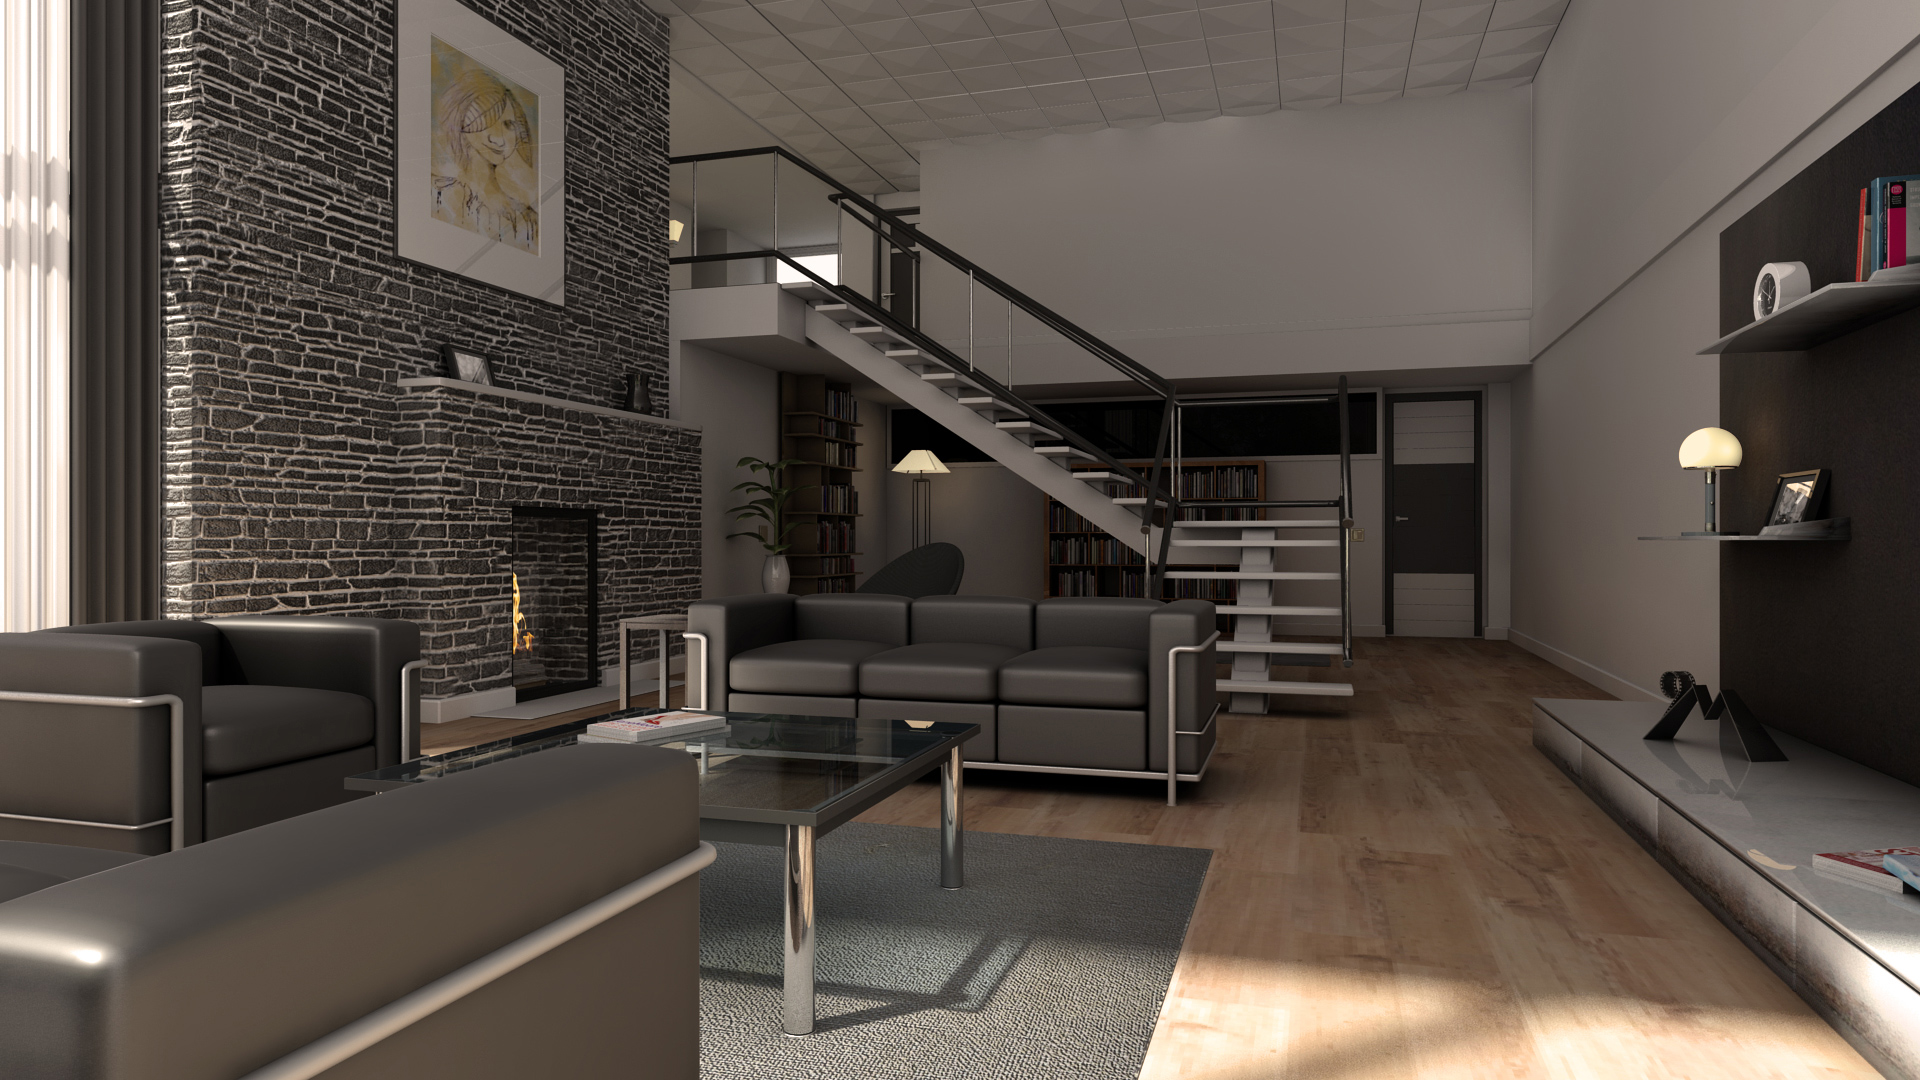 Wohnzimmer 2 interior wohnzimmer haus 3d for Interior wohnzimmer